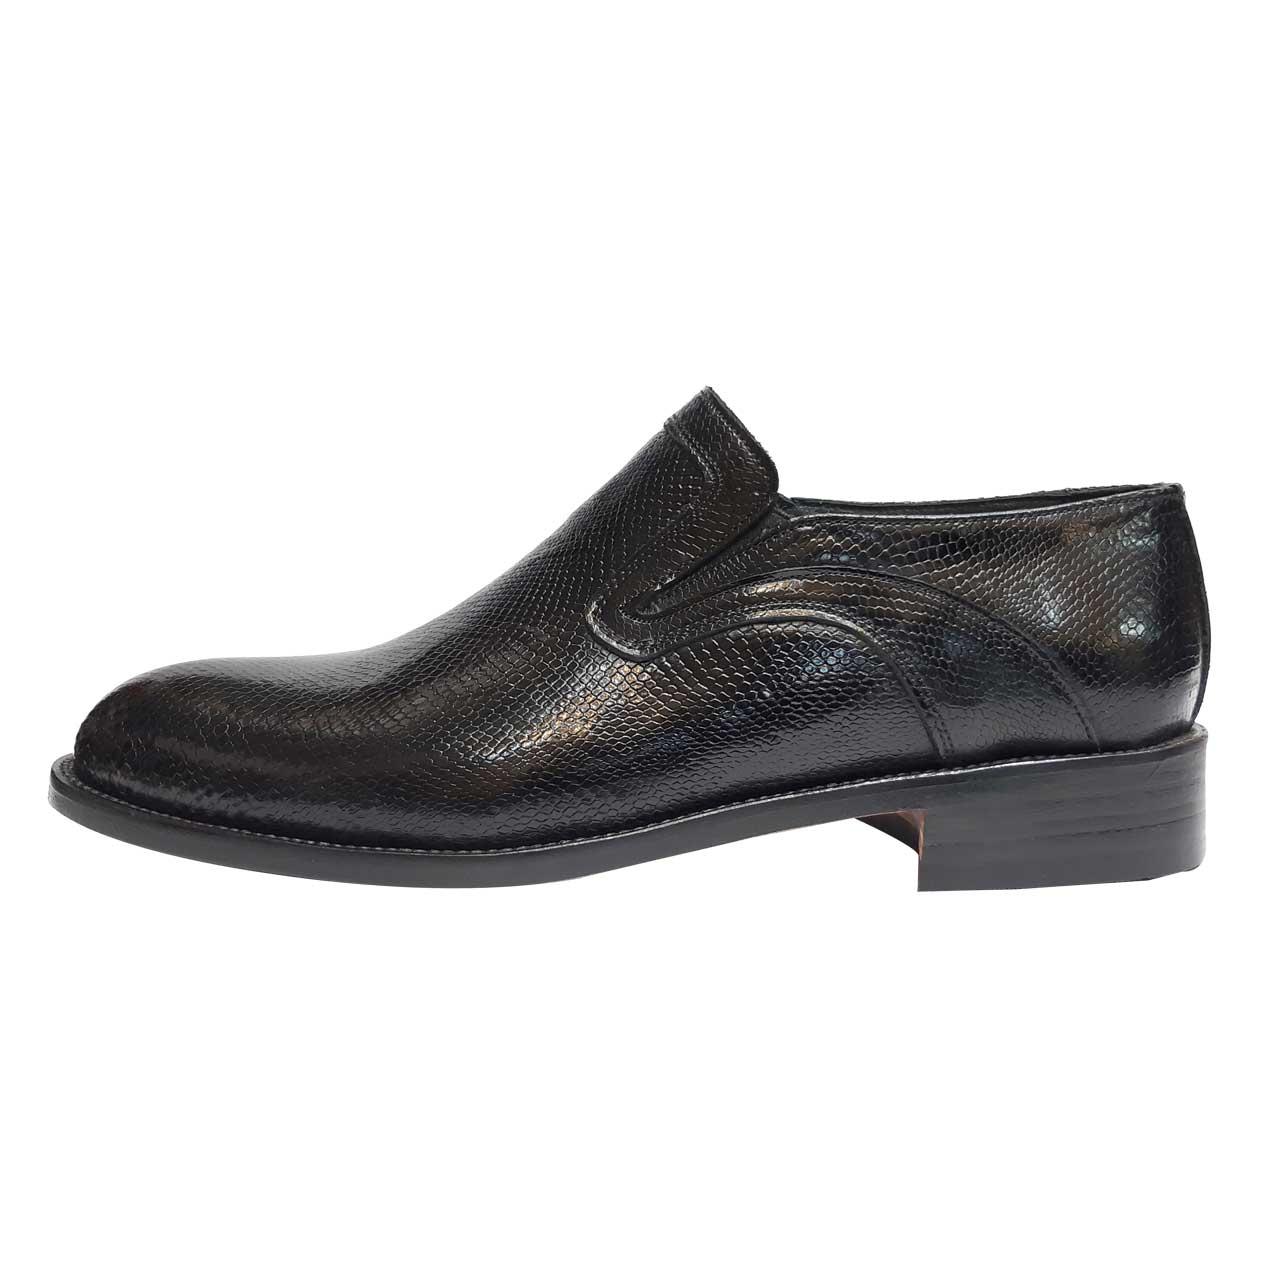 کفش مردانه دوران مدل لزار کد 171